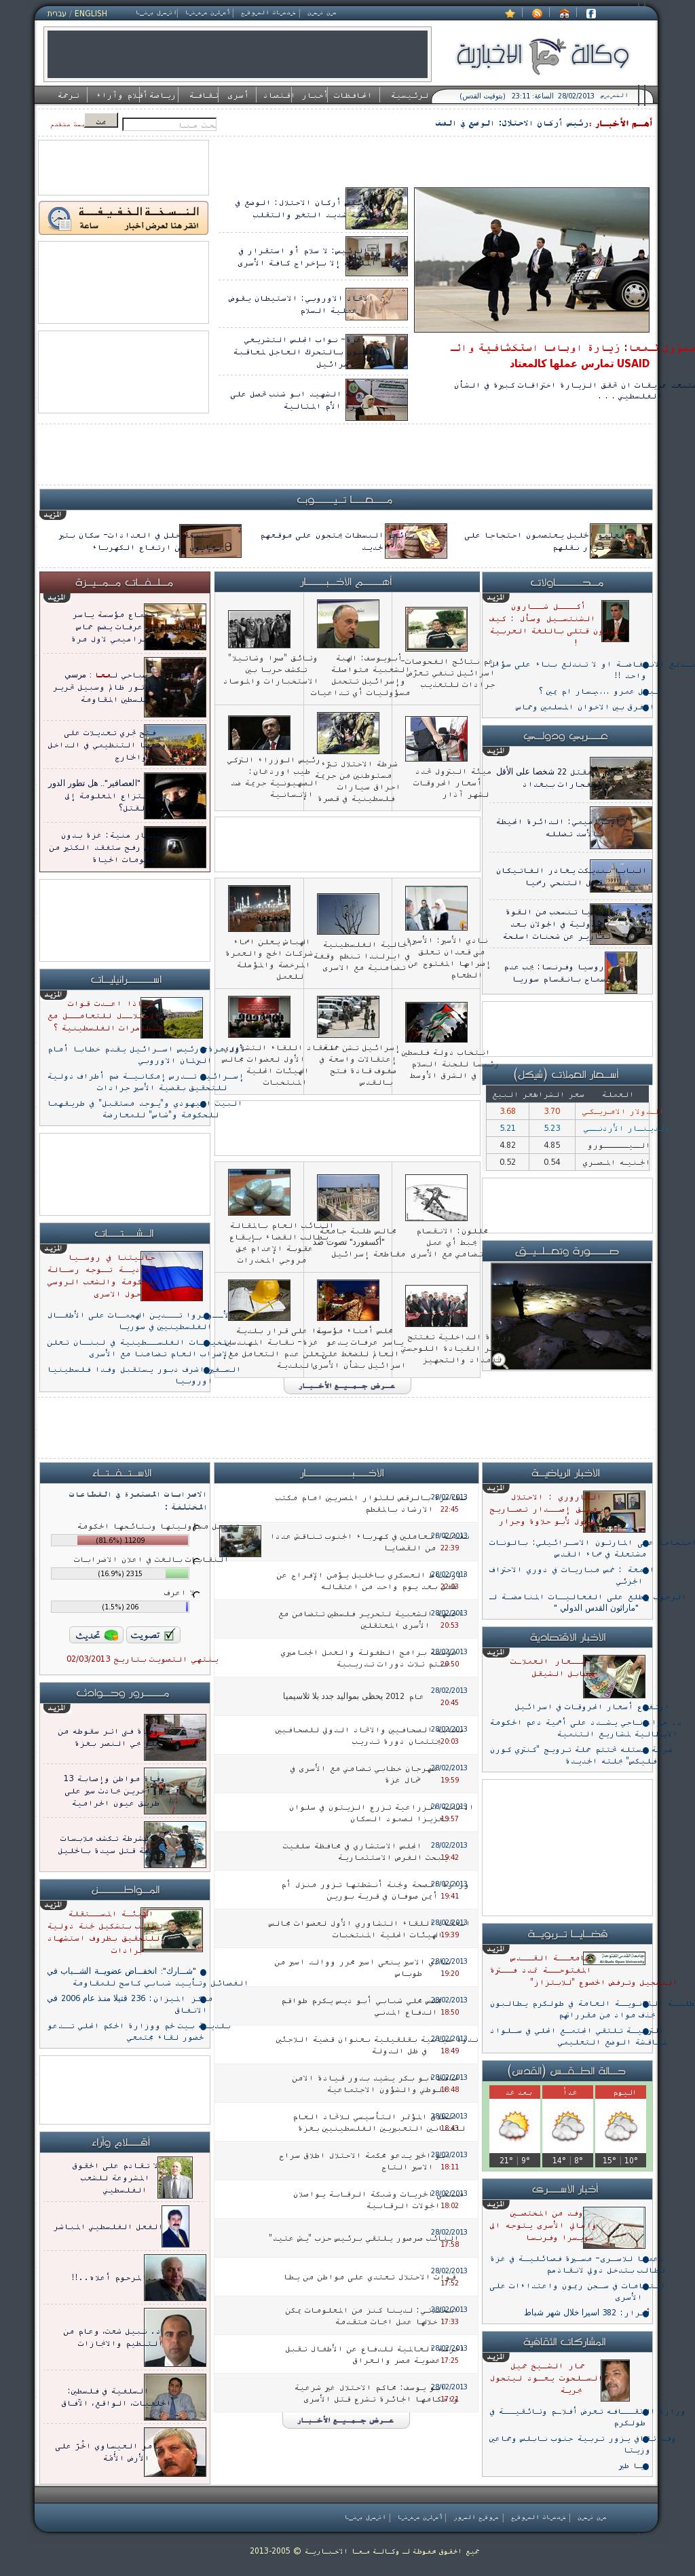 Ma'an News at Thursday Feb. 28, 2013, 9:10 p.m. UTC